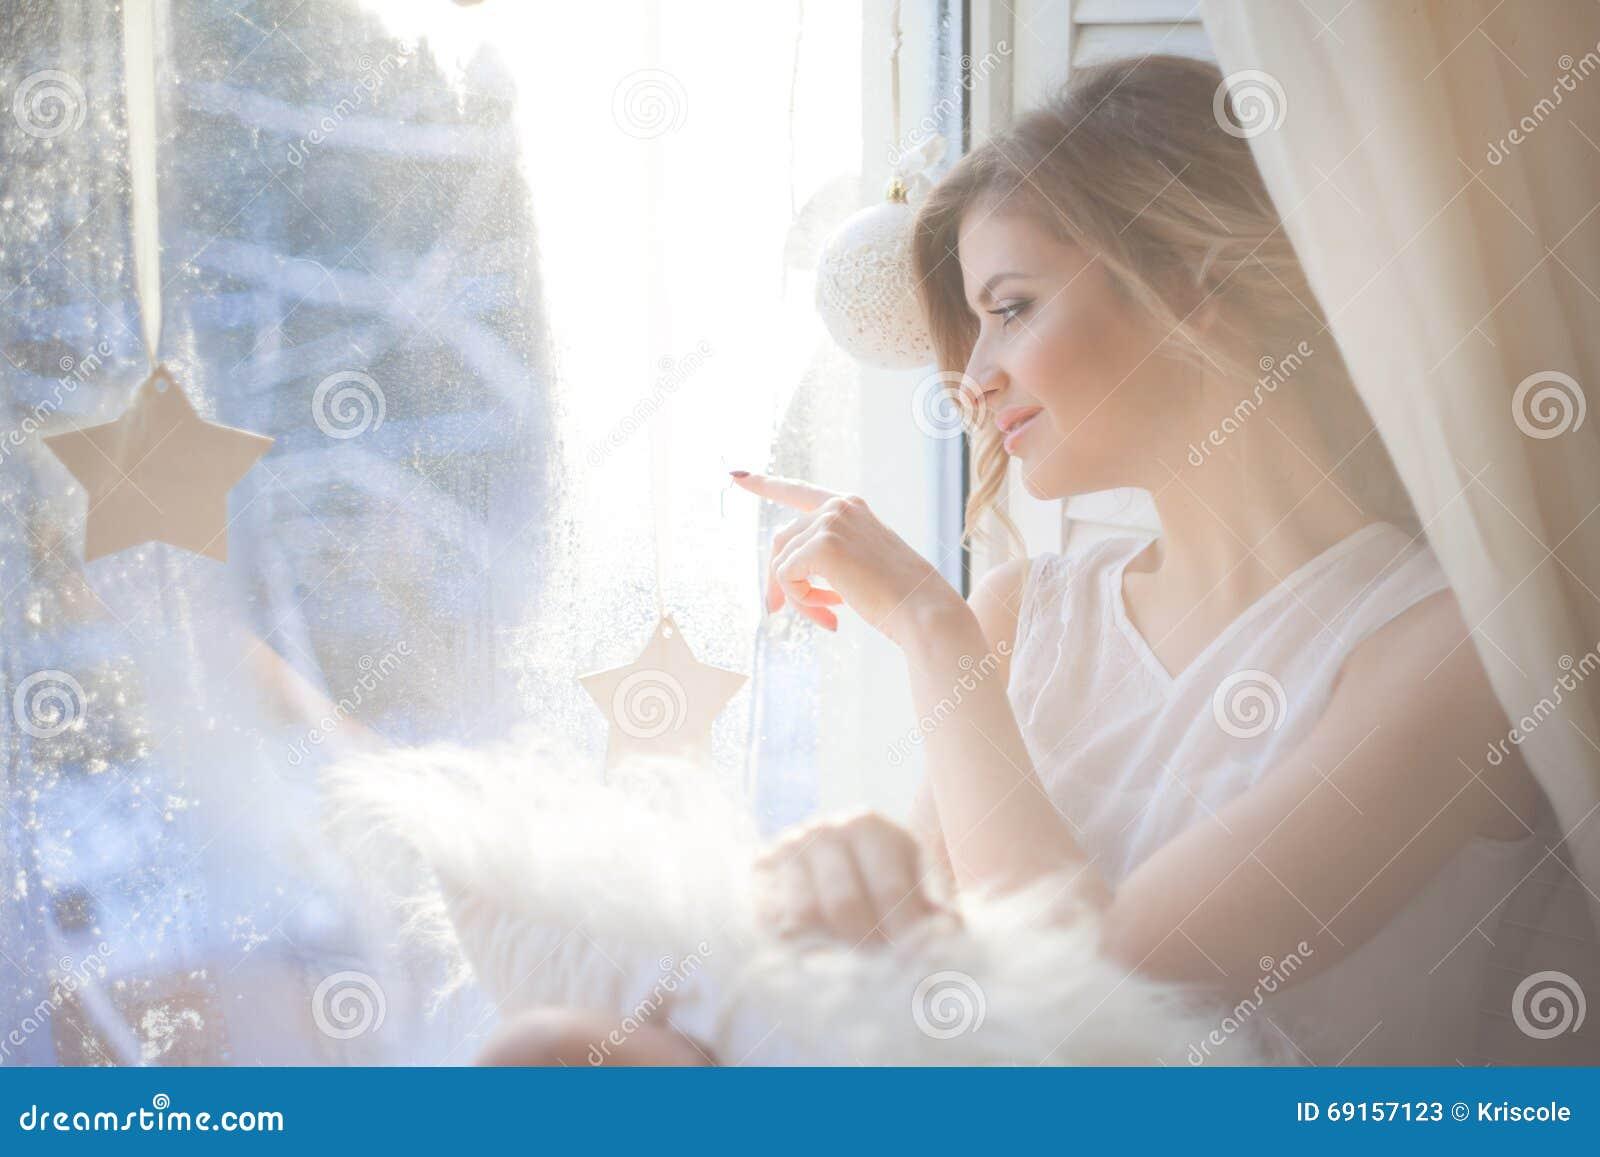 La bella donna con trucco quotidiano fresco e l acconciatura ondulata romantica, sedentesi al davanzale, attinge il vetro